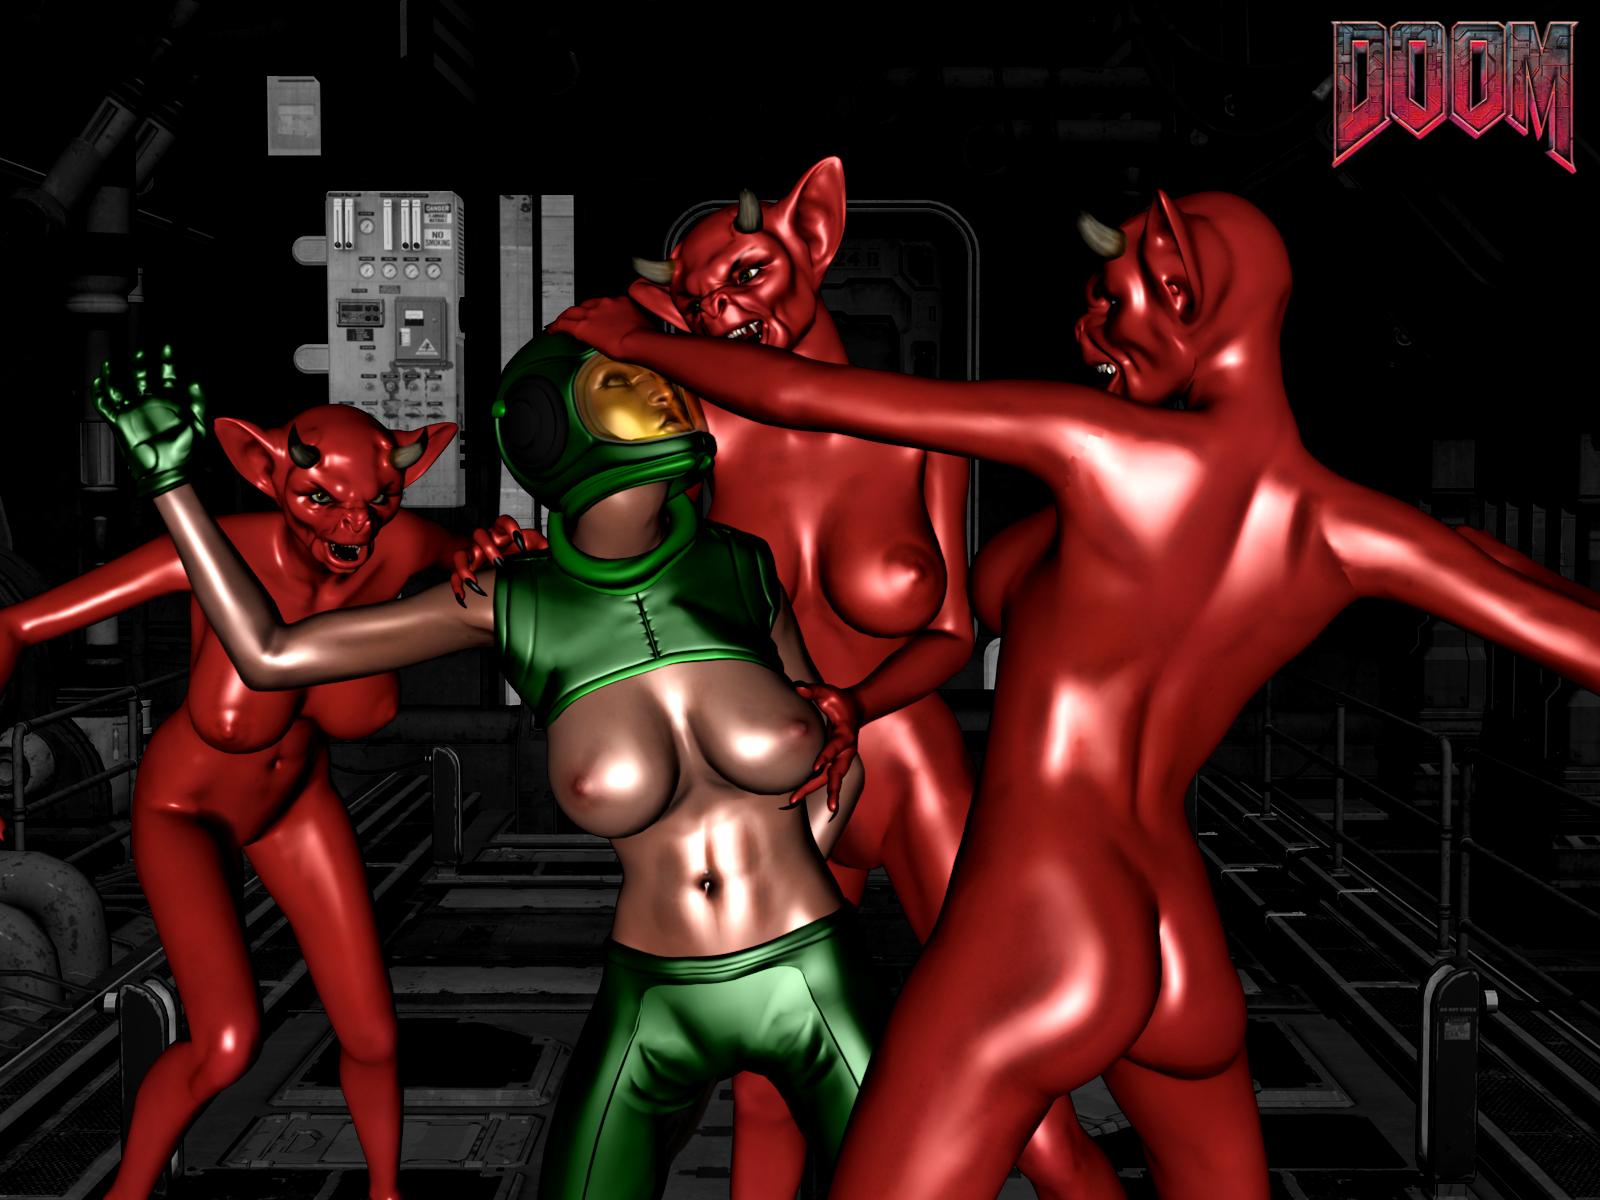 Doom sex mod sex classic porn star